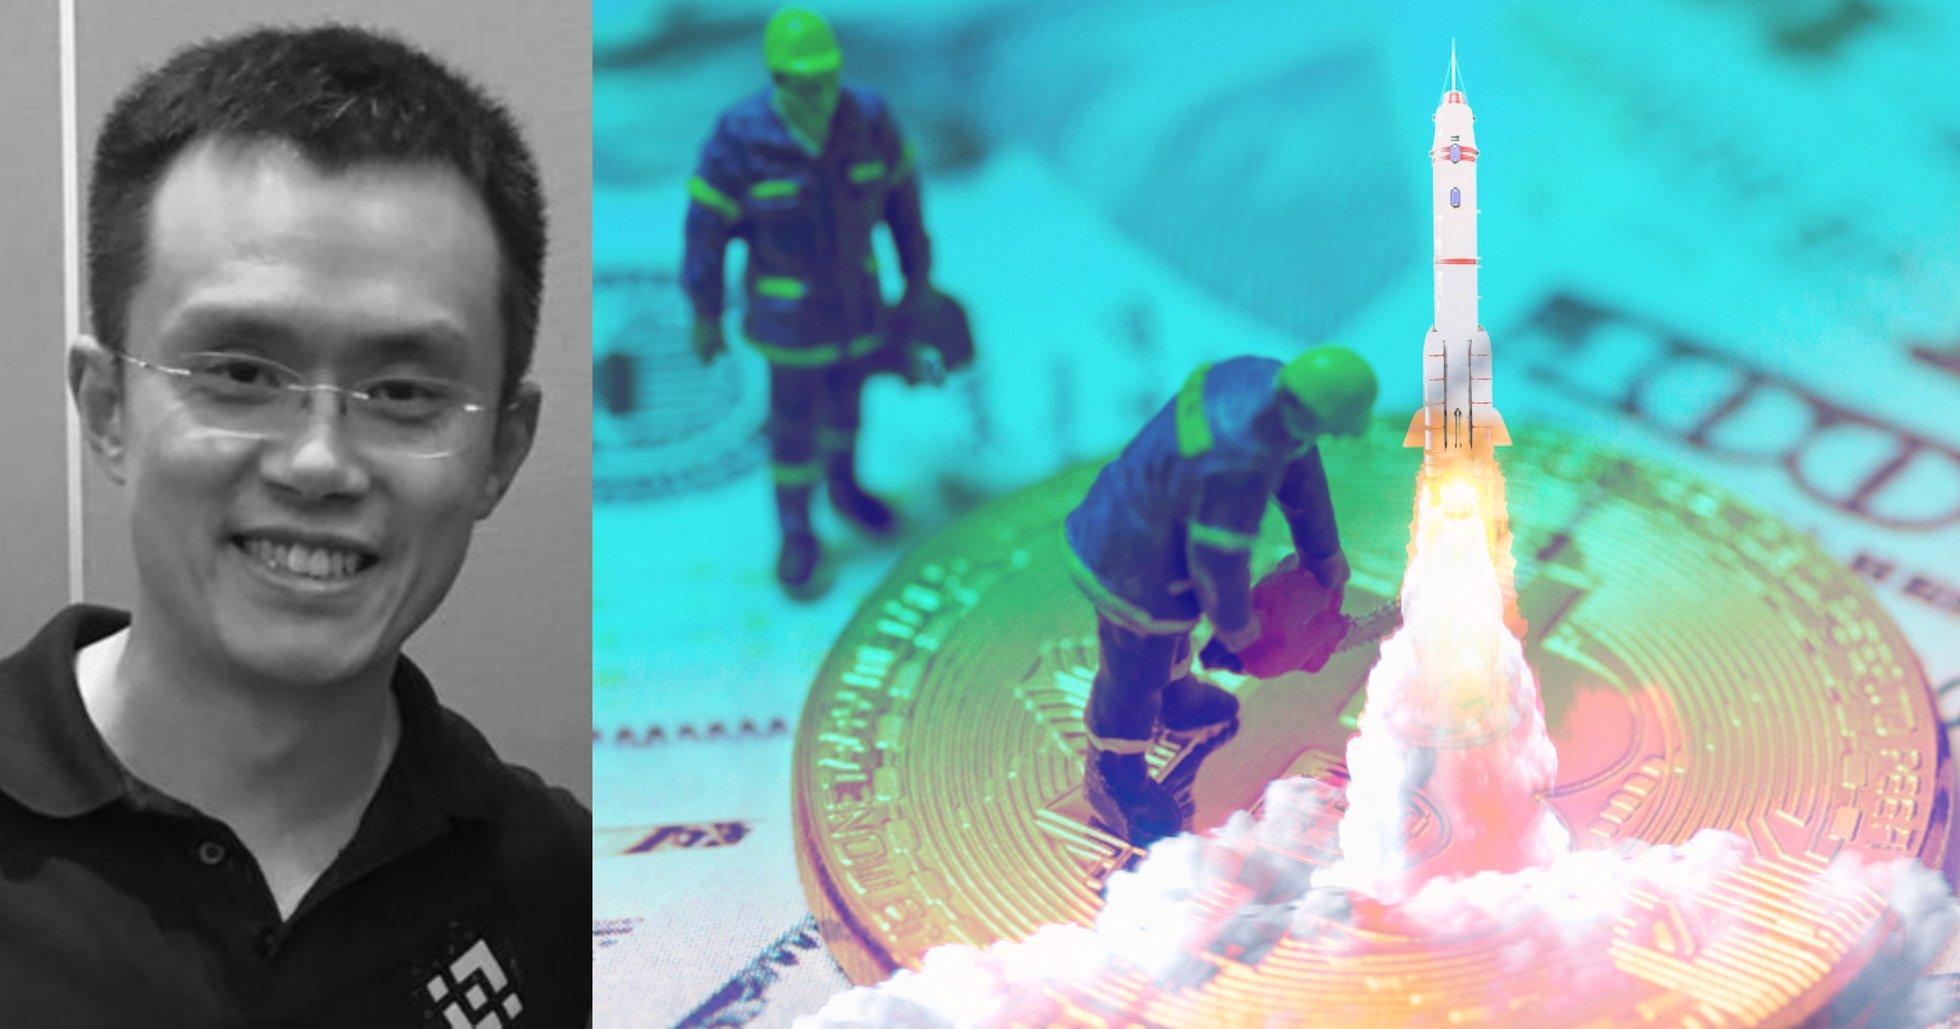 Jättebörsen Binance vd: Halveringen kommer leda till prisuppgång för bitcoin